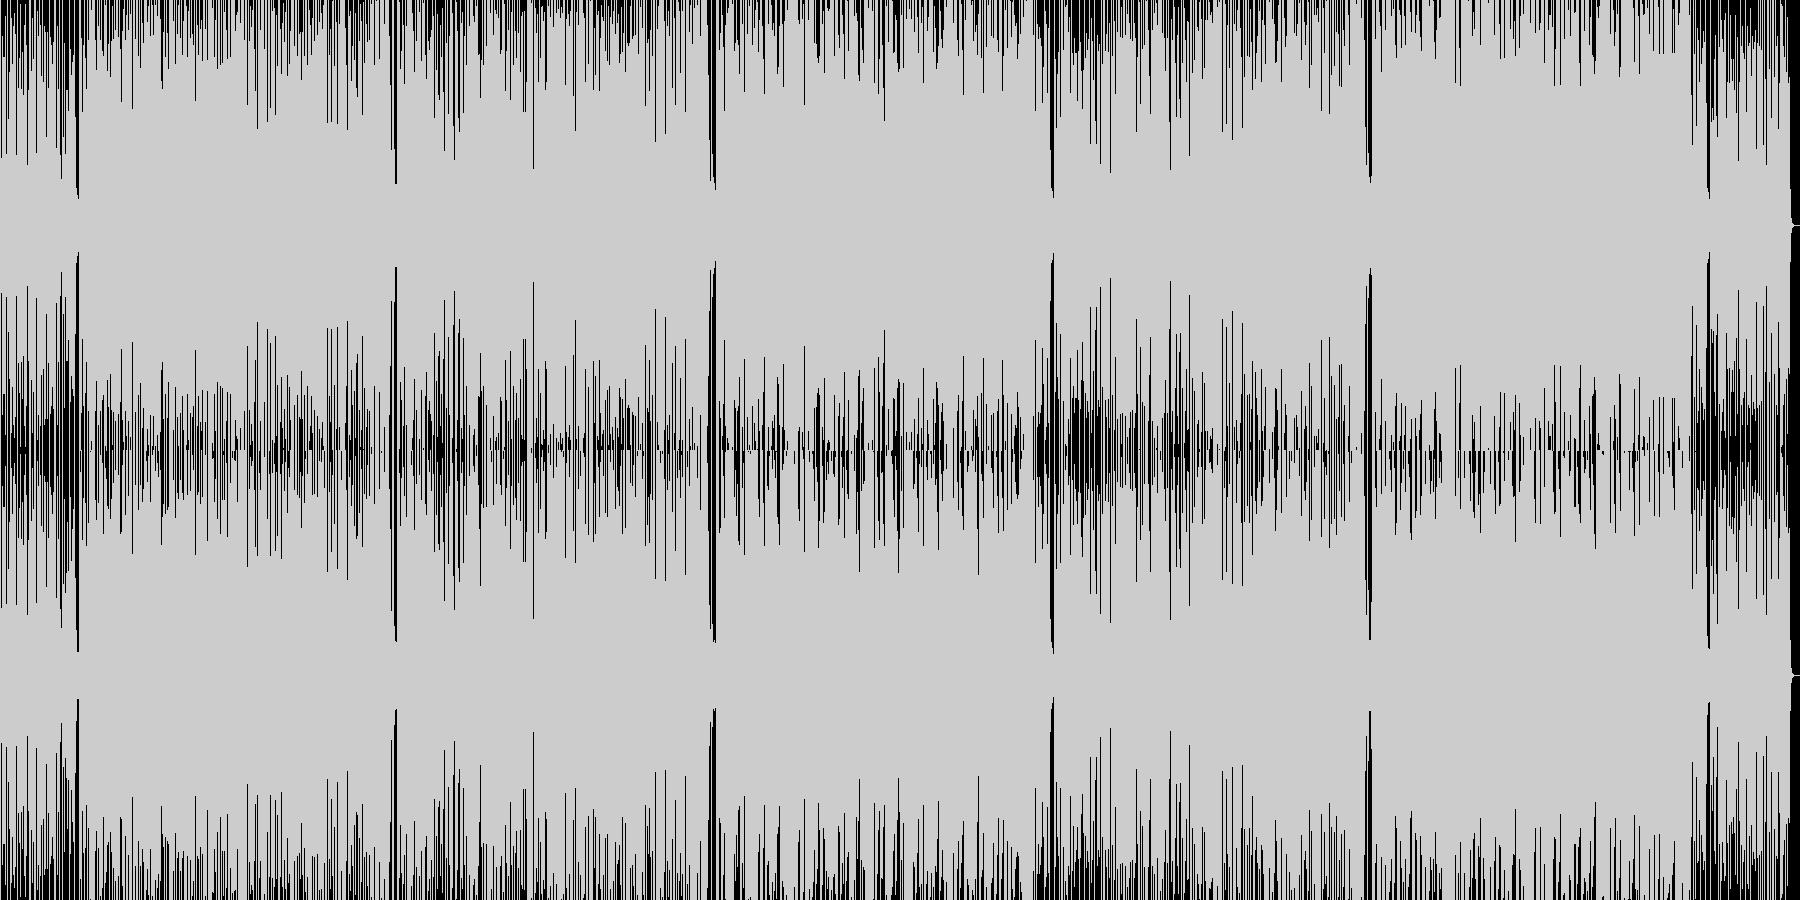 スラップ アコギの未再生の波形